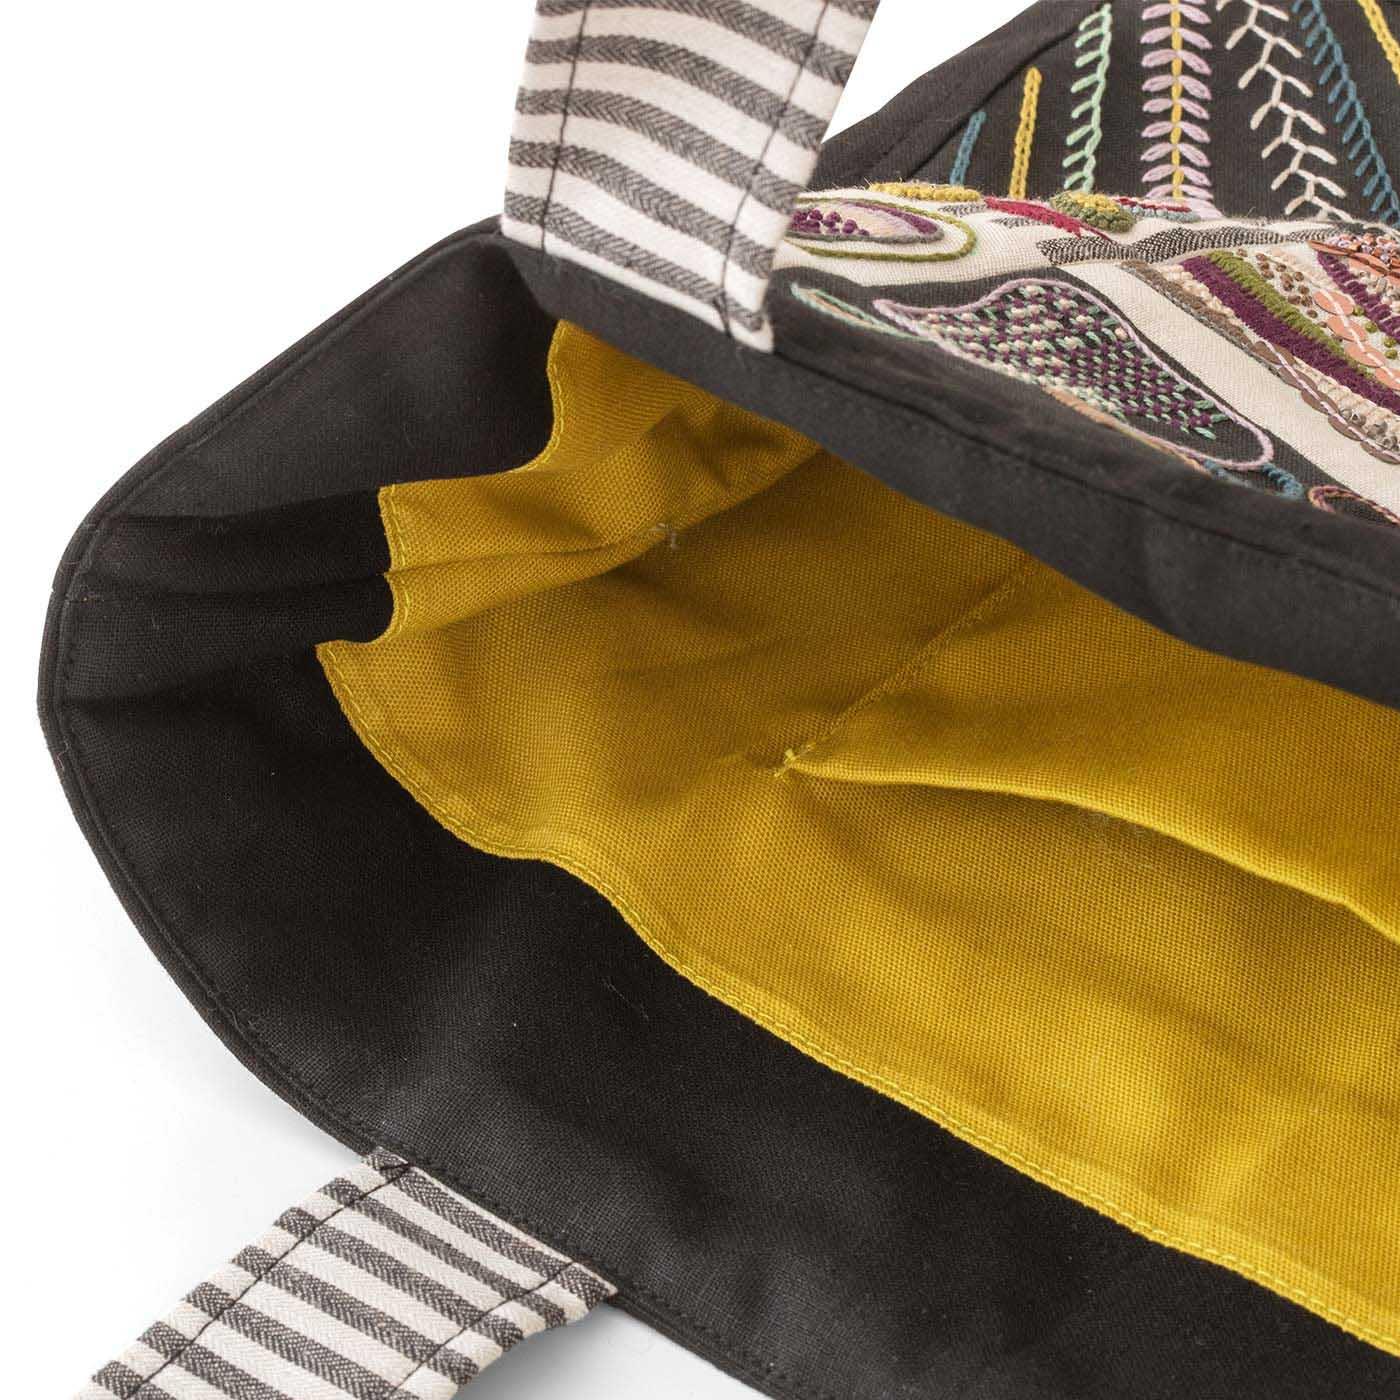 キルトわた入りのしっかりしたバッグが作れます。便利な内ポケット付き。